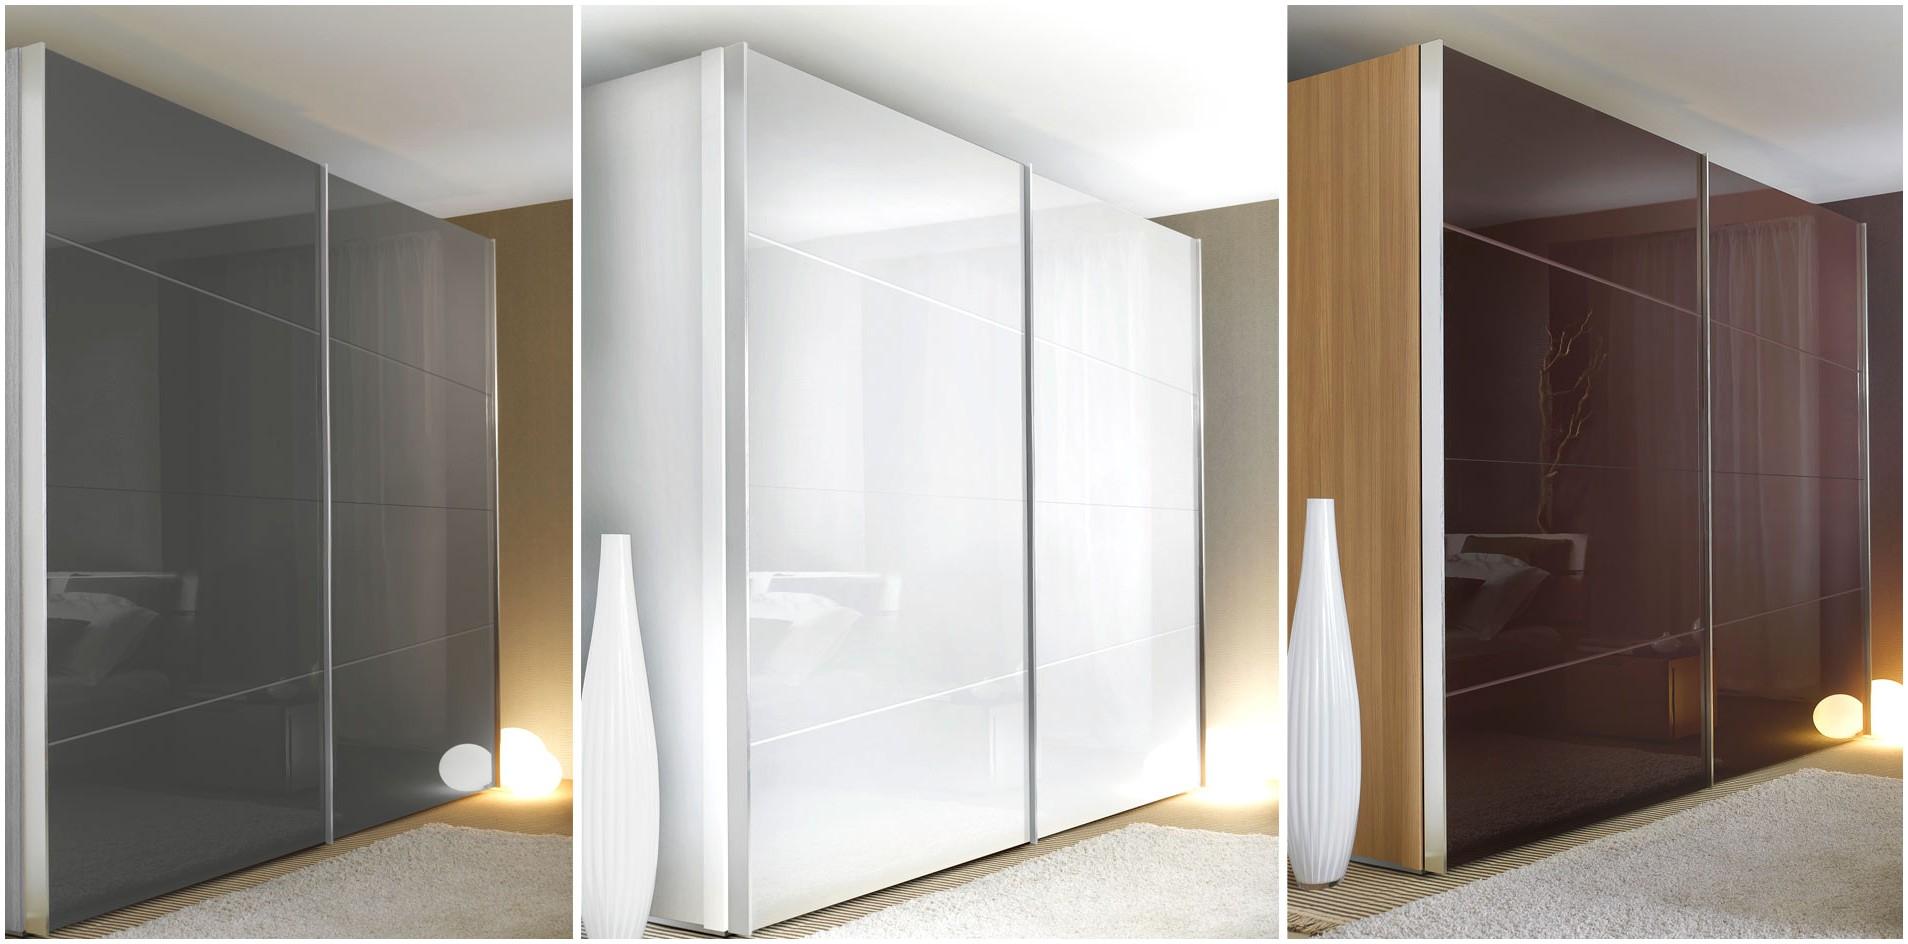 Kit Porte Coulissante Placard Impressionnant Collection 21meilleur De Porte Placard Coulissante Ikea Intérieur De La Maison